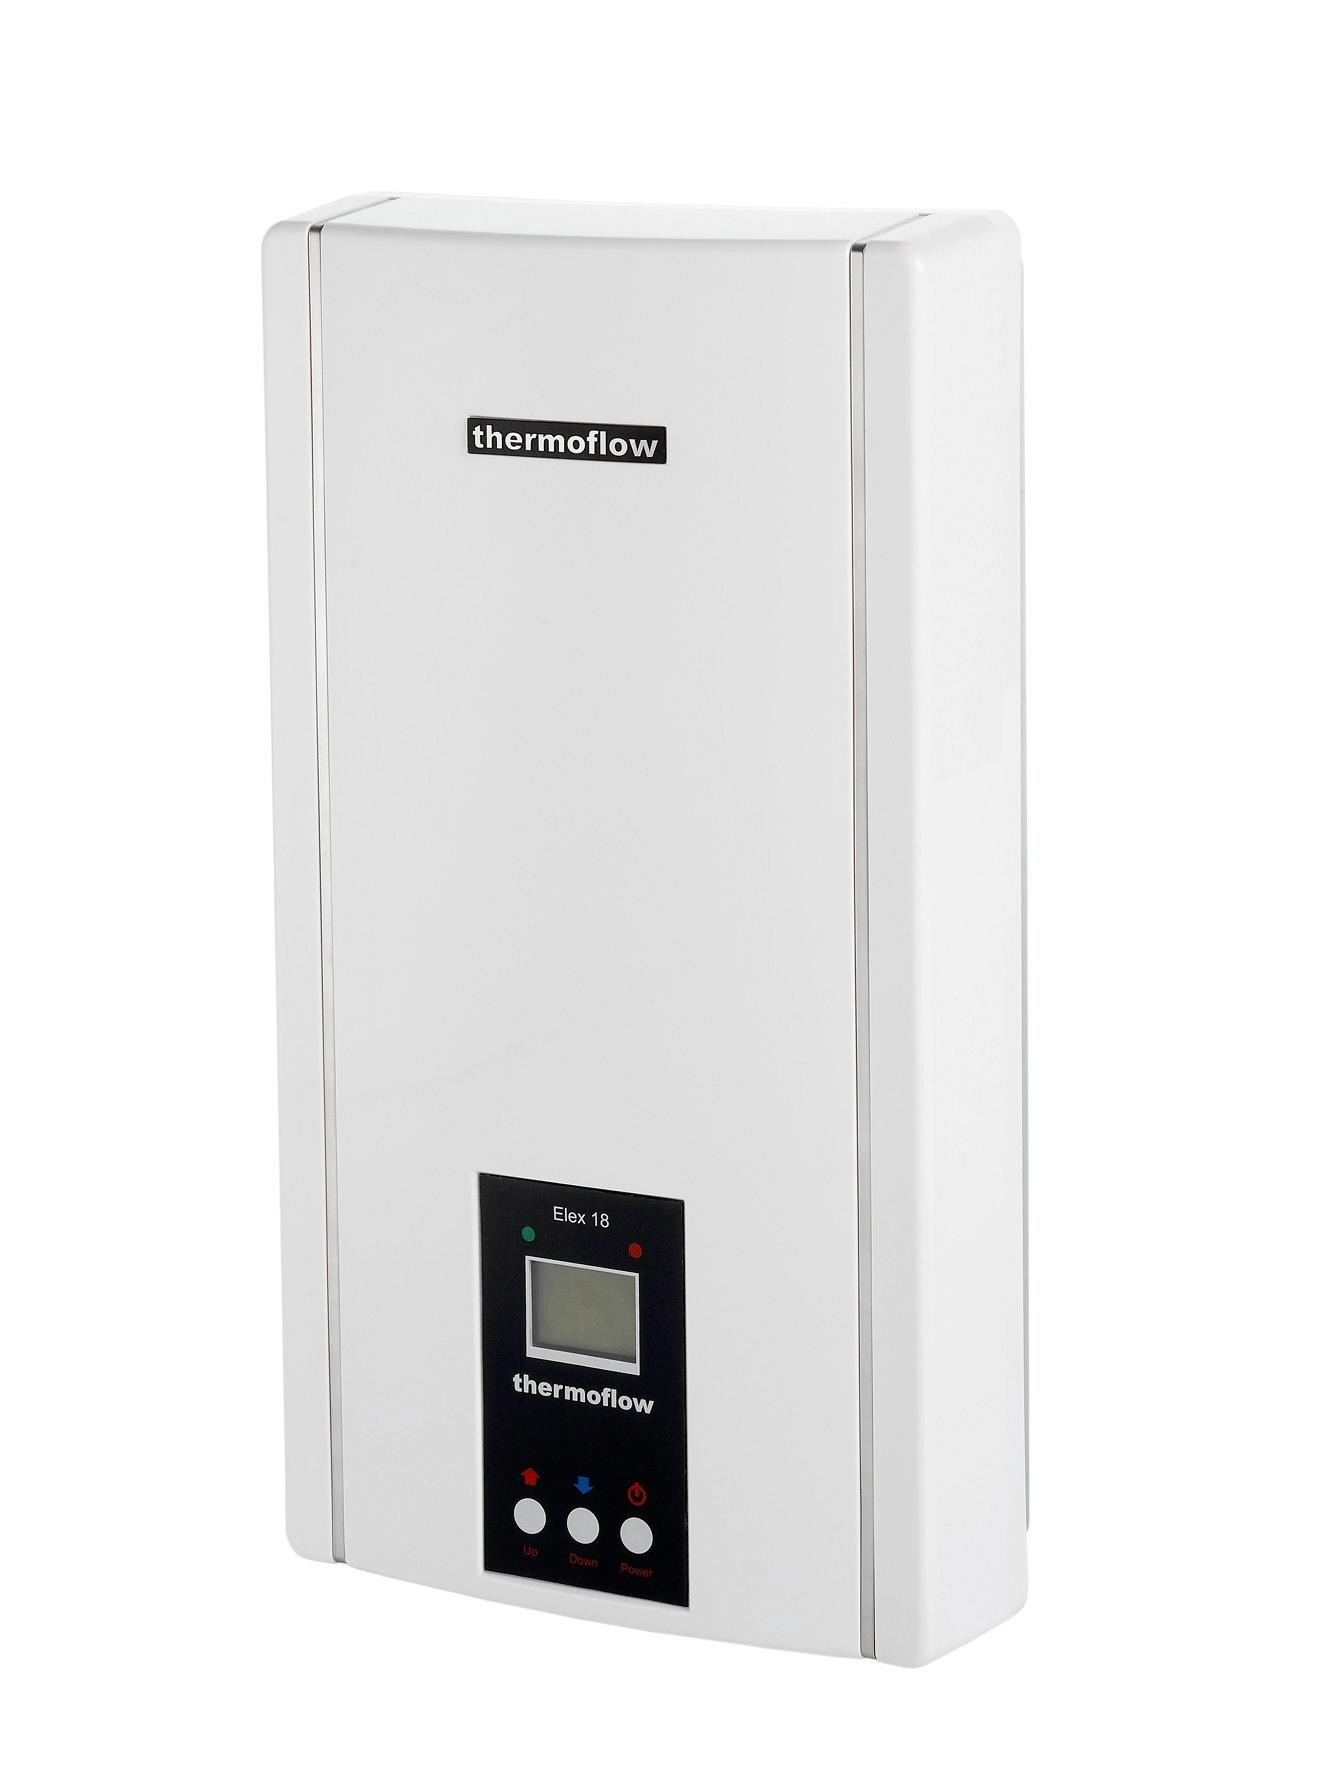 THERMOFLOW Durchlauferhitzer »Thermoflow Elex 18/21/24« | Baumarkt > Heizung und Klima > Durchlauferhitzer | Weiß | THERMOFLOW